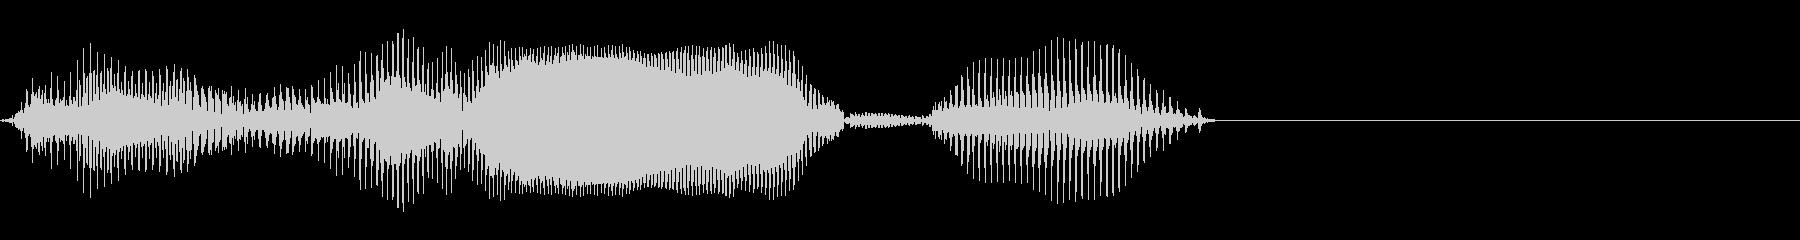 土曜日の未再生の波形